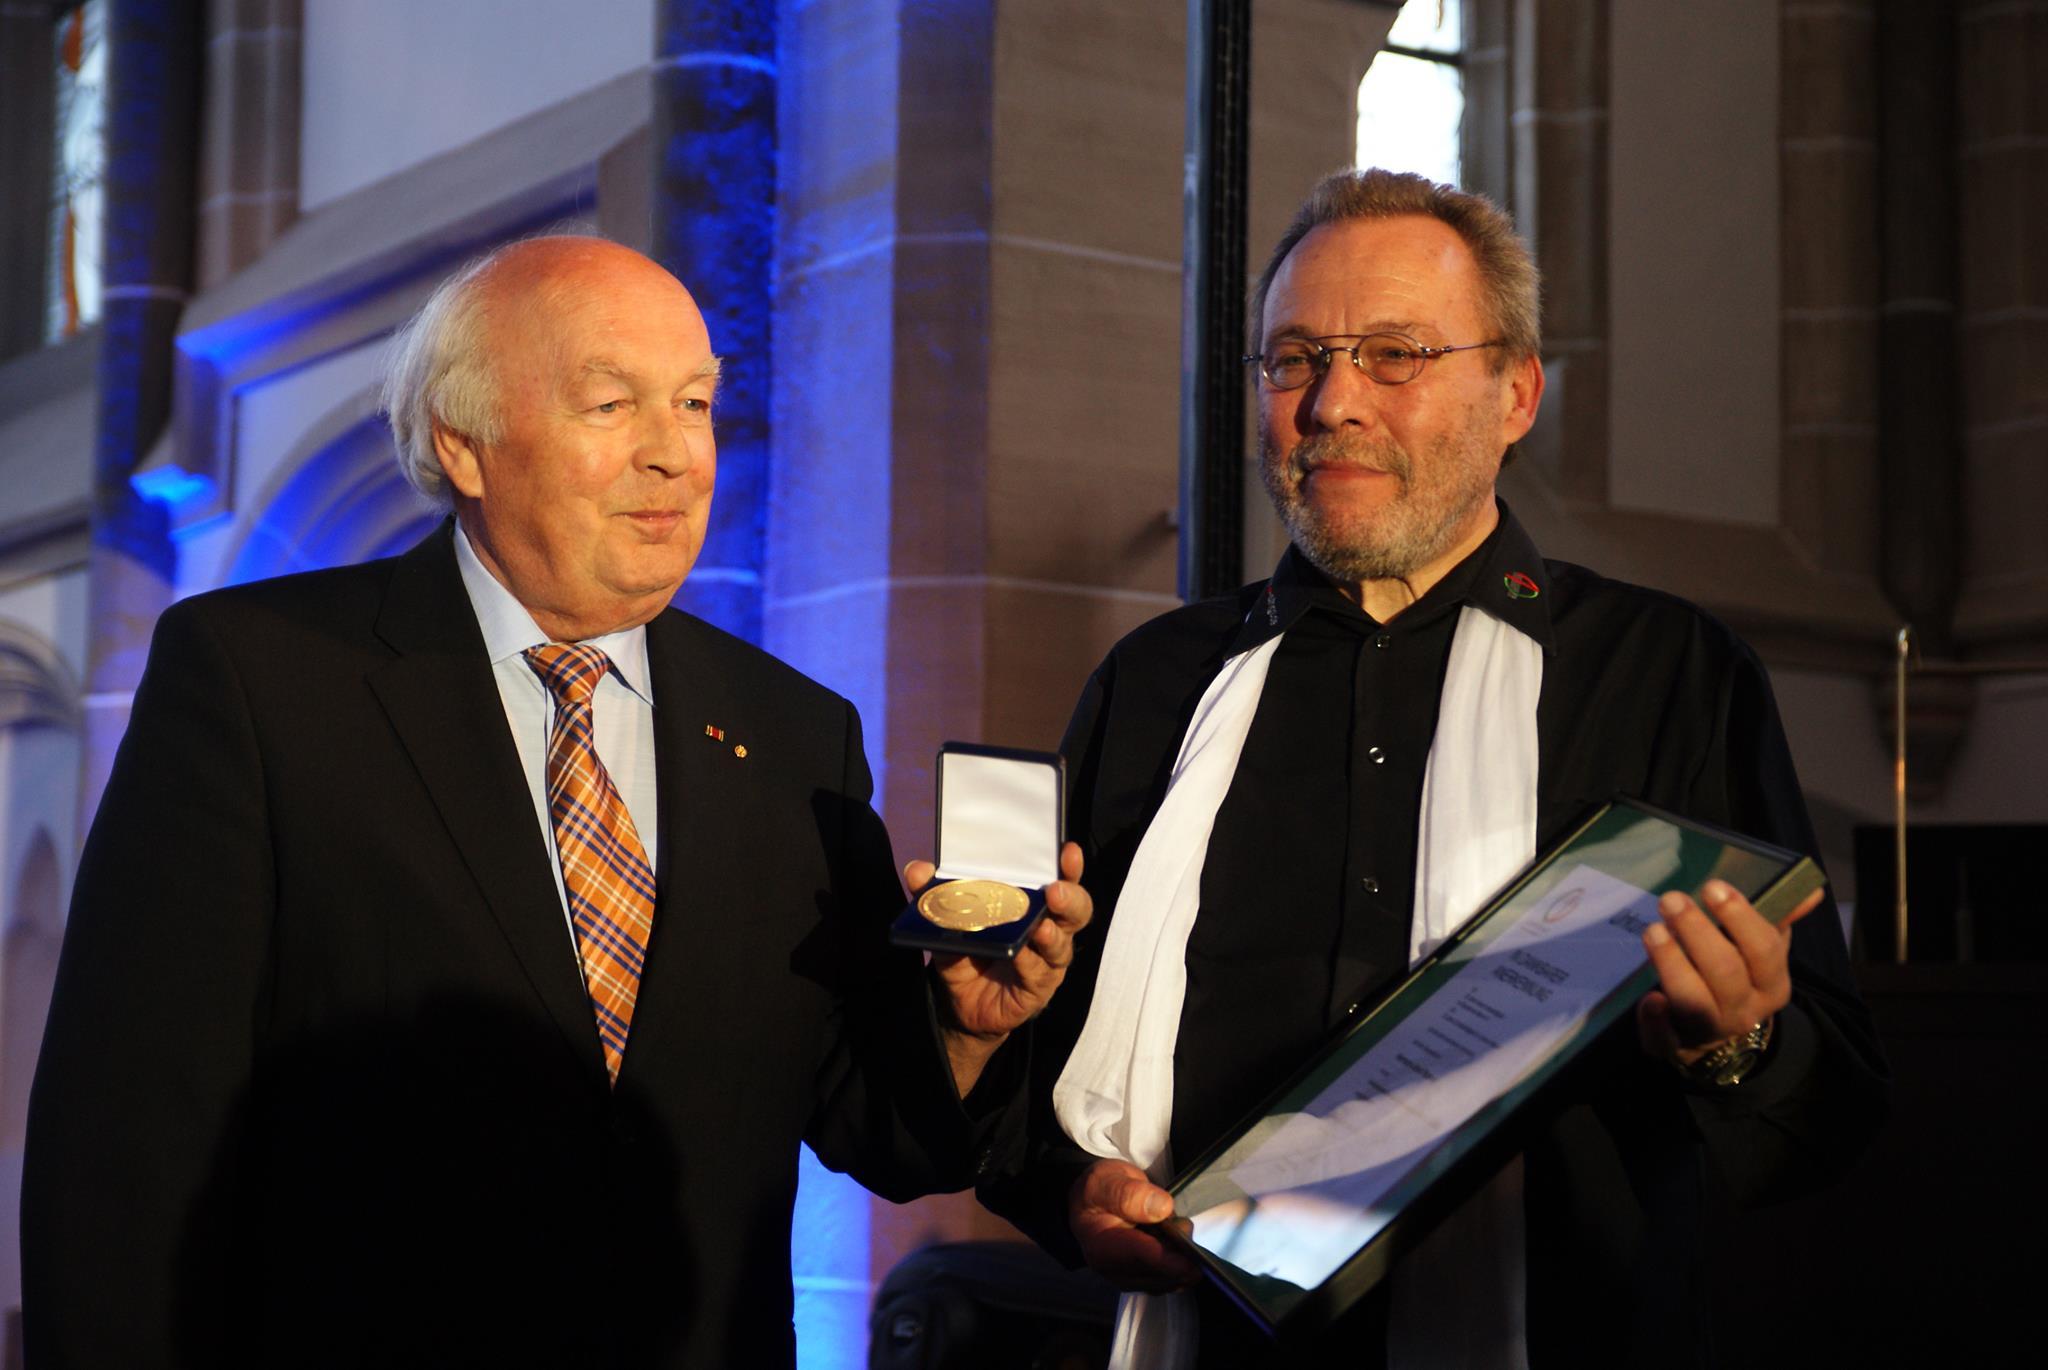 Ehrenpräsident Hermann Otto gestorben